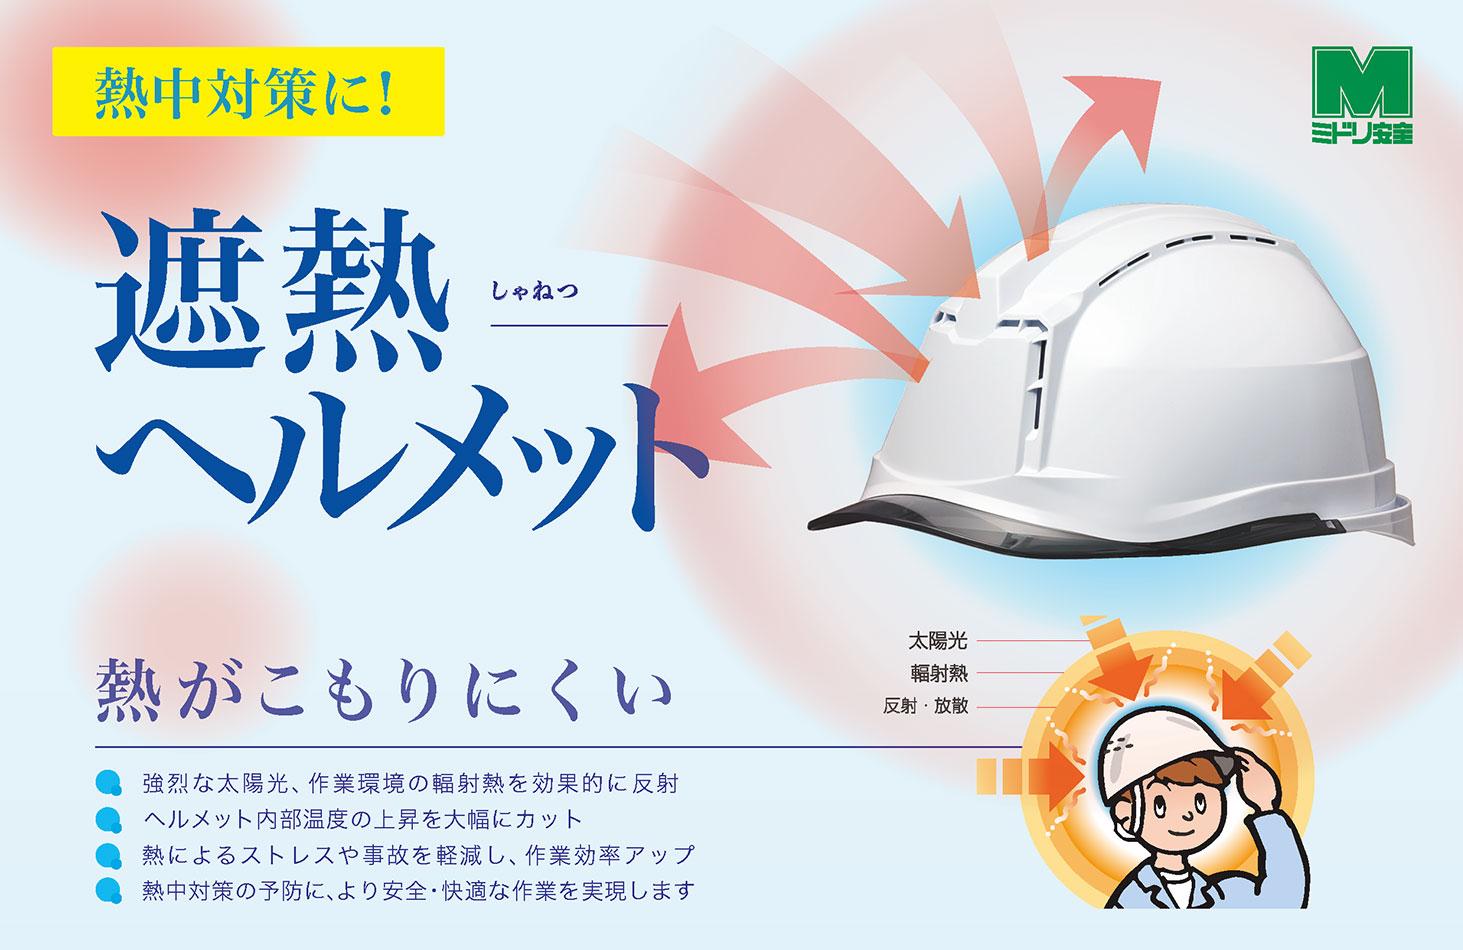 熱中対策に!遮熱ヘルメット